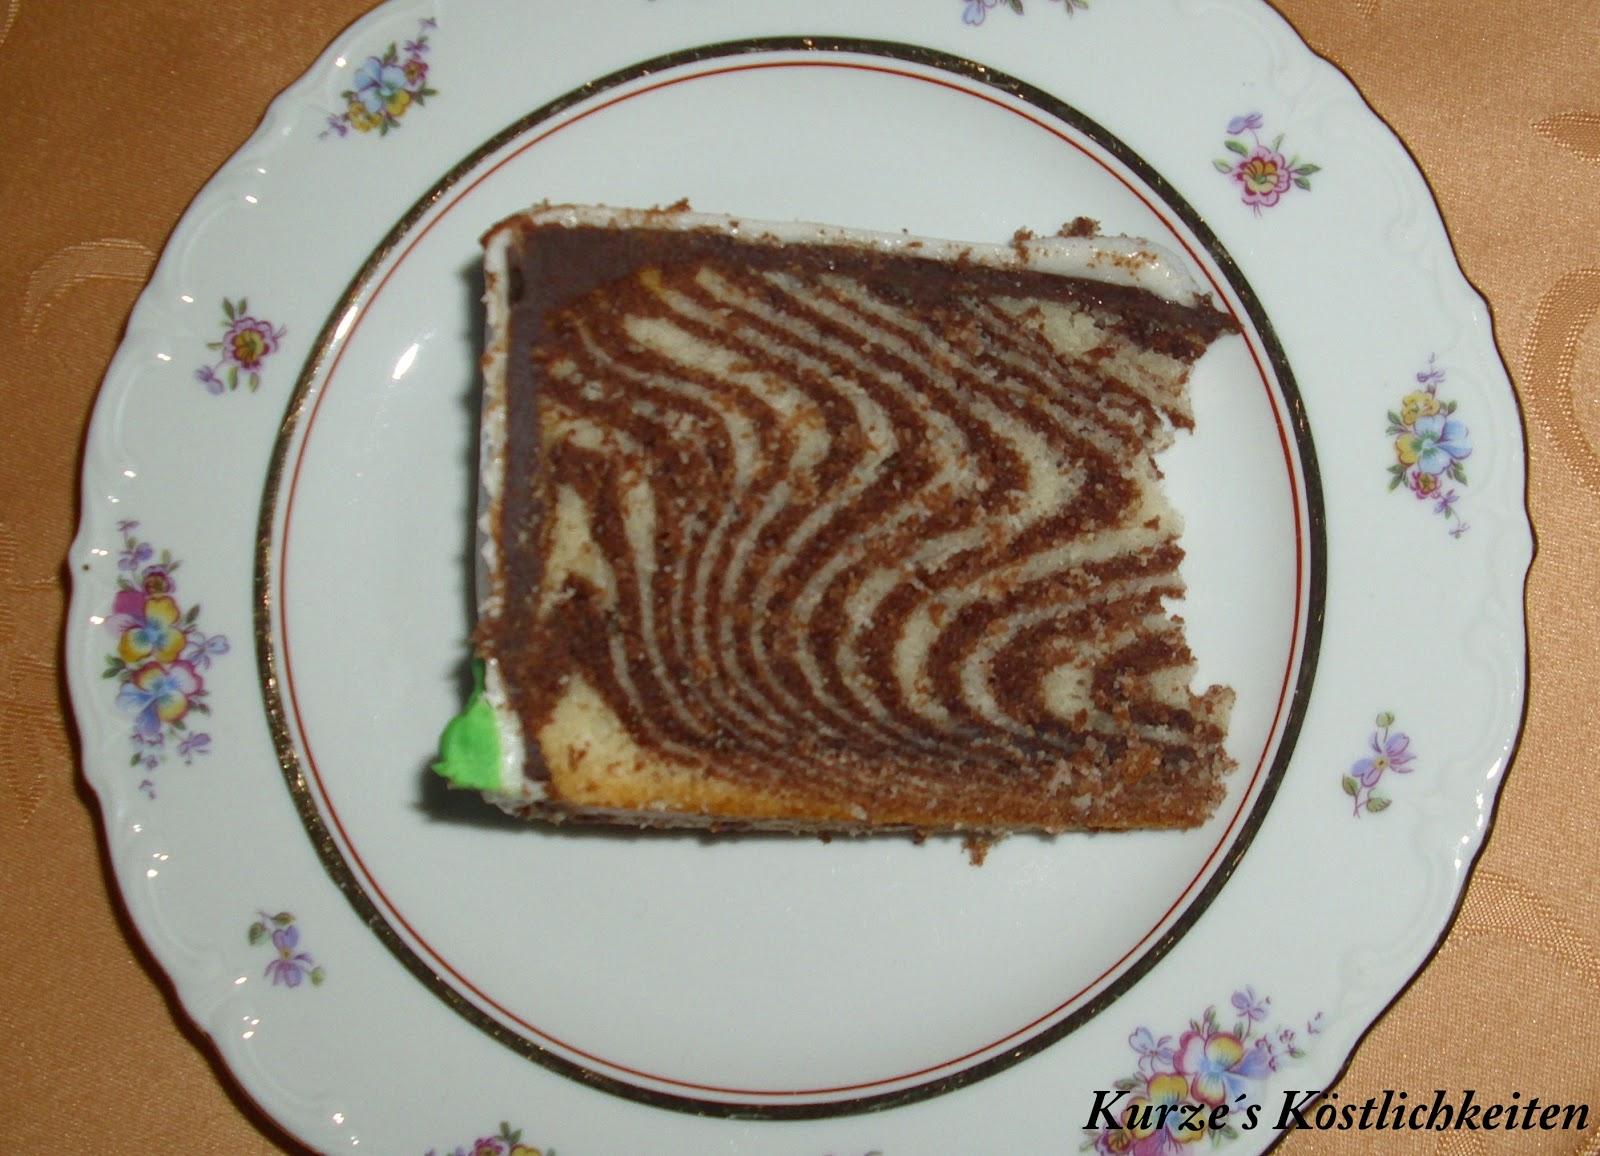 ich habe den kuchen nur noch mit zartbitterganache 200g sahne und 200g zartbitterschokolade eingestrichen und mit fondant eingedeckt so sieht das muster - Kuchen Muster